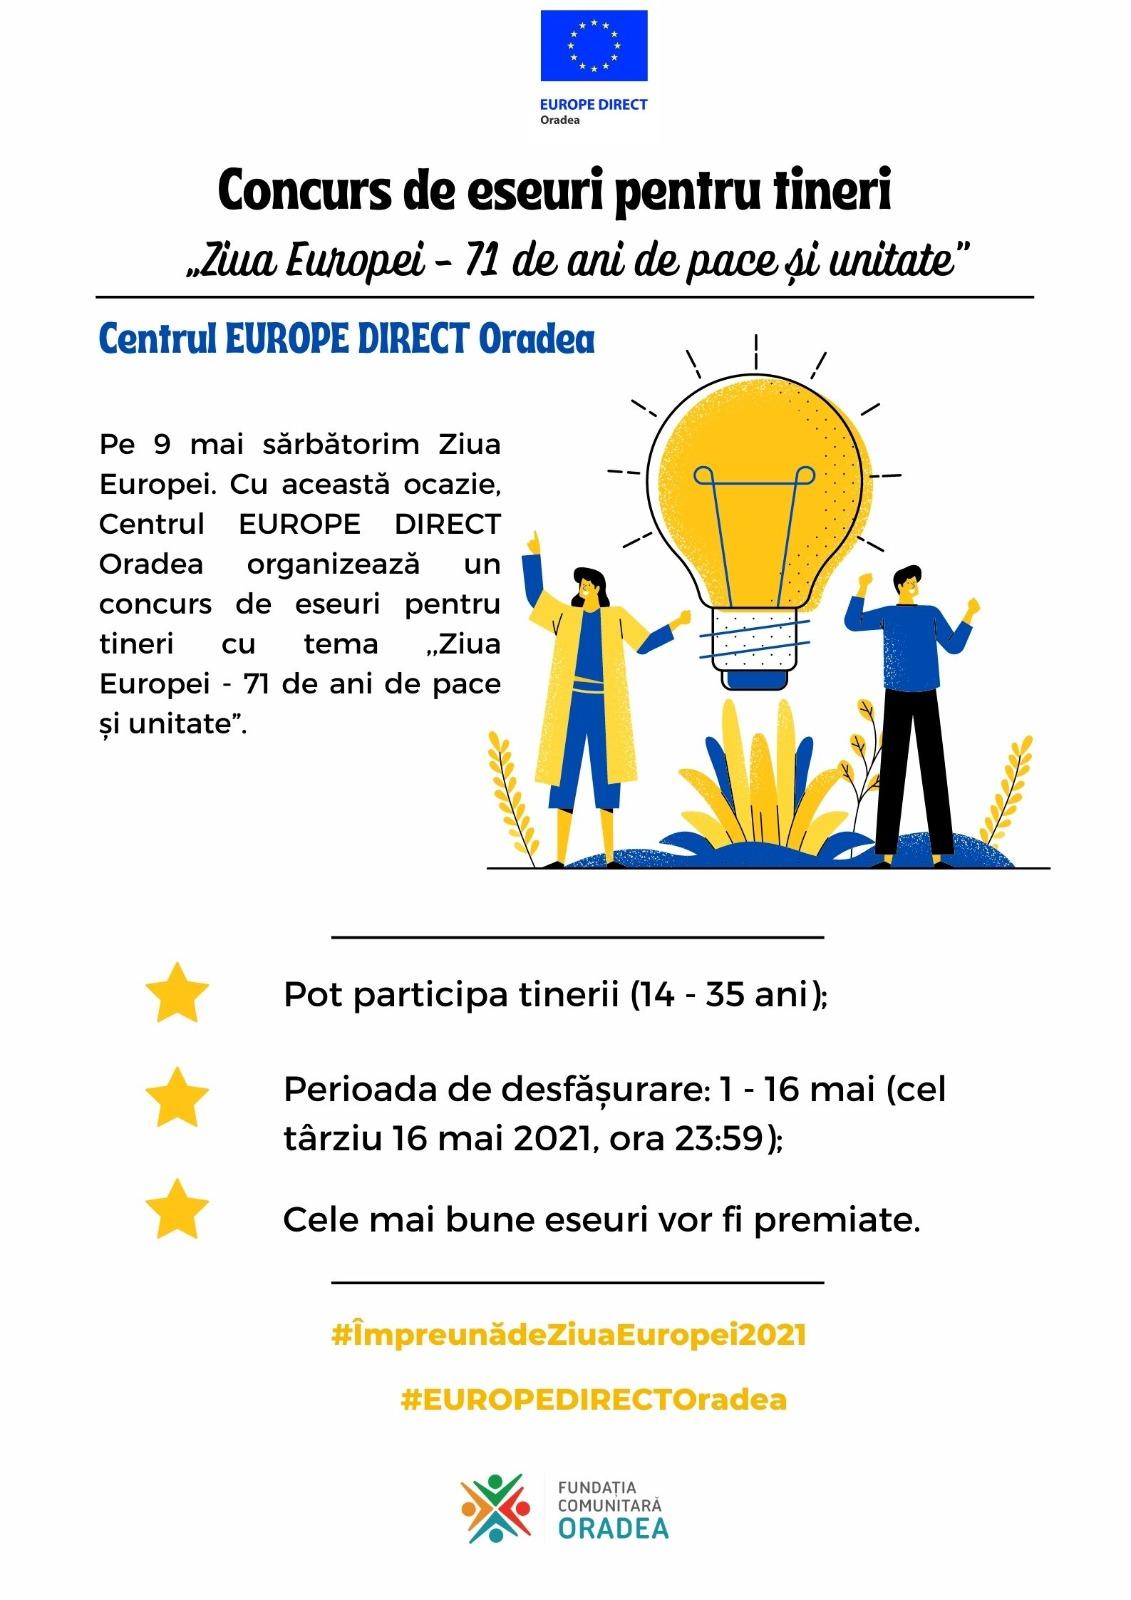 Centrul EUROPE DIRECT Oradea celebrează Ziua Europei